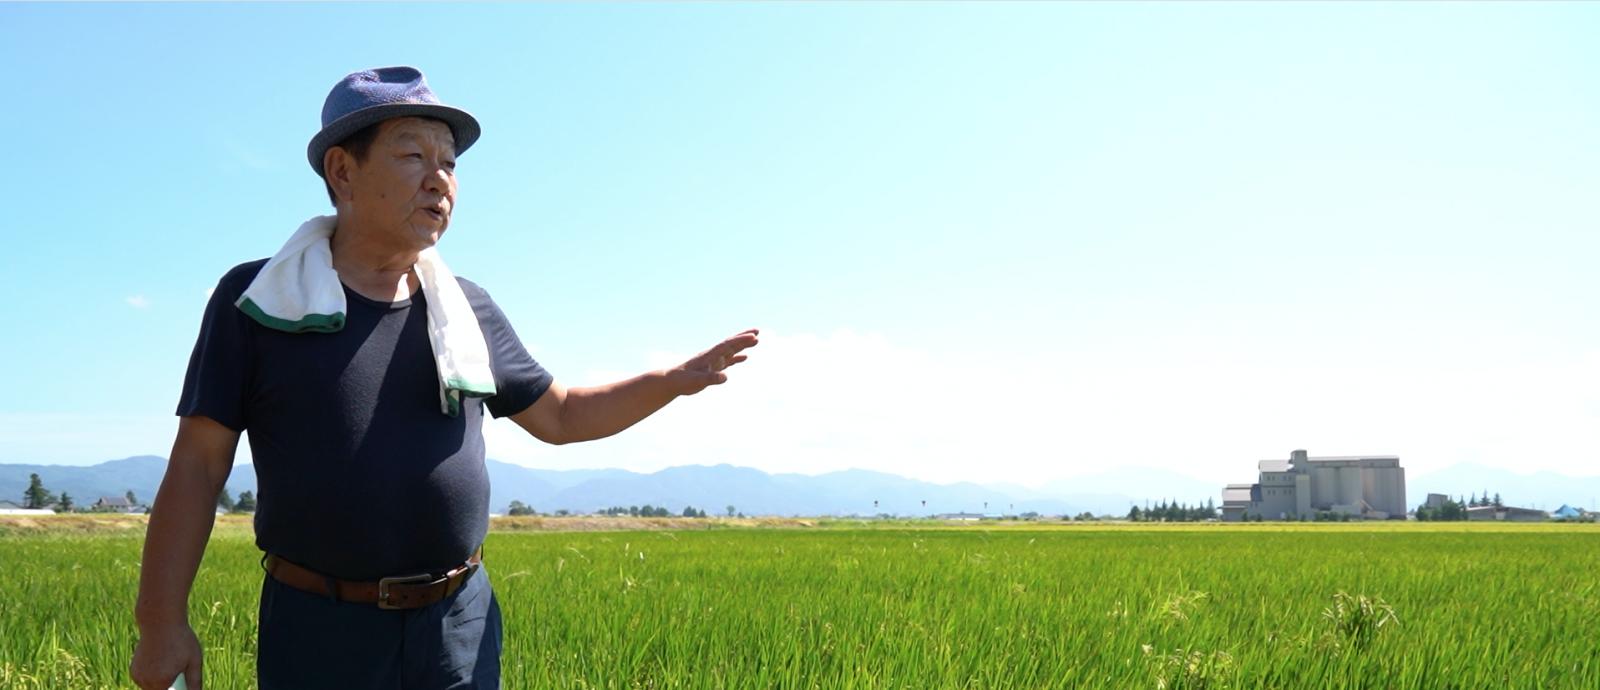 52歳で脱サラ就農。 「疎植農法」で未来を切り拓く。